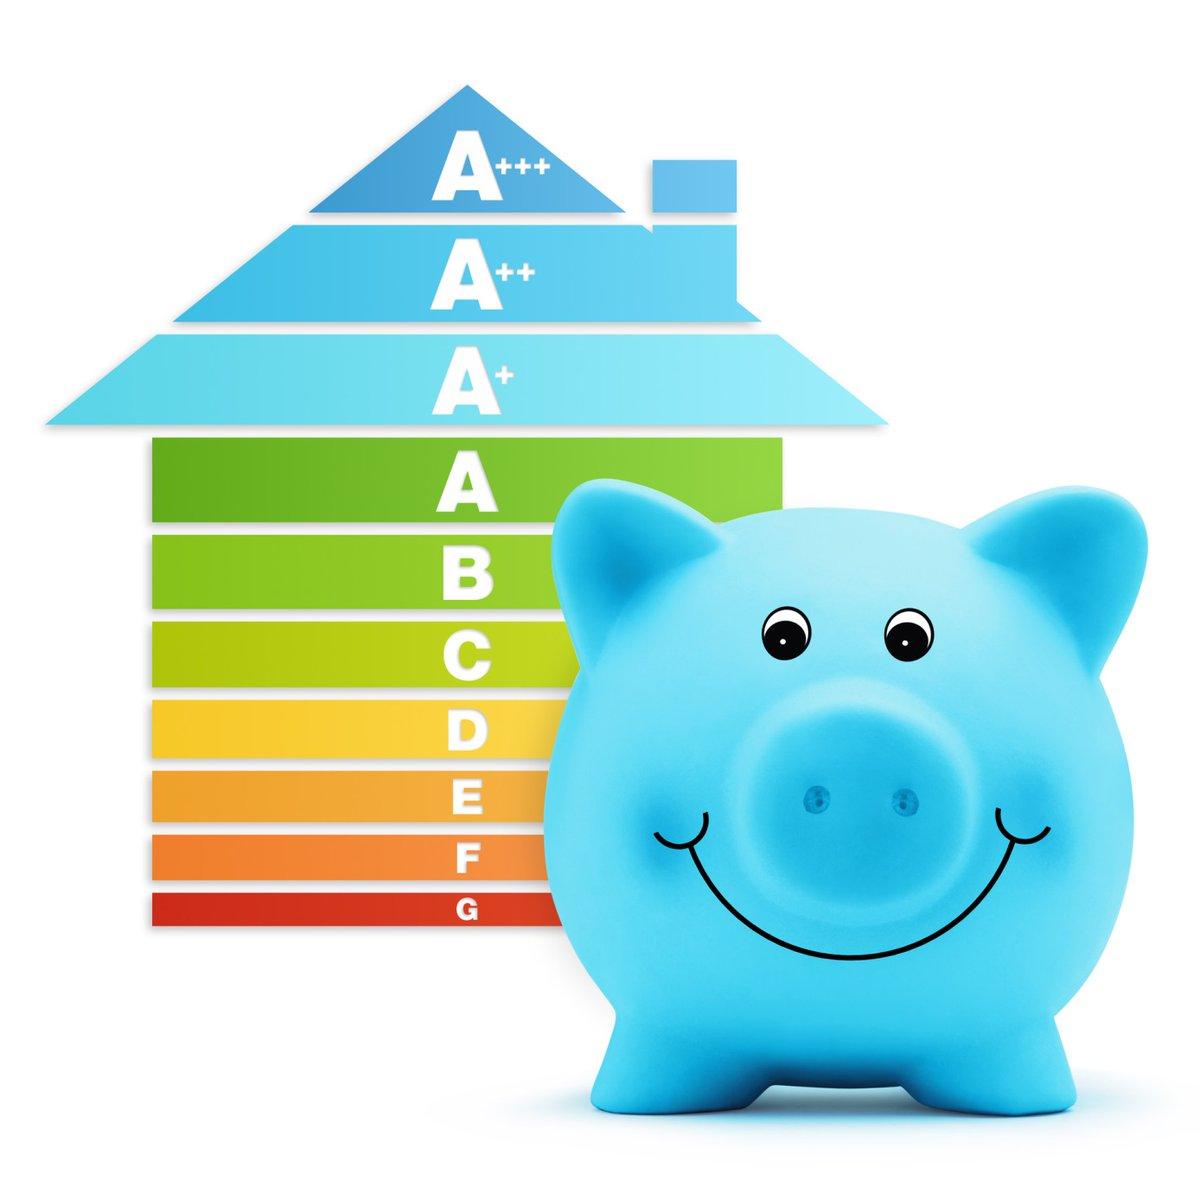 Am 24. Februar 2020 ist die nächste #Energieberatung im Stadthaus. Möchten Sie Ihr Haus sanieren? Ein unabhängiger Experte berät Sie rund um Fragen zu Heizung, Fenster, Gebäudehülle etc.  https://www.wetzikon.ch/verwaltung/umwelt/umwelt-energie/energieberatung… ^cmpic.twitter.com/mvTOiMUx7u